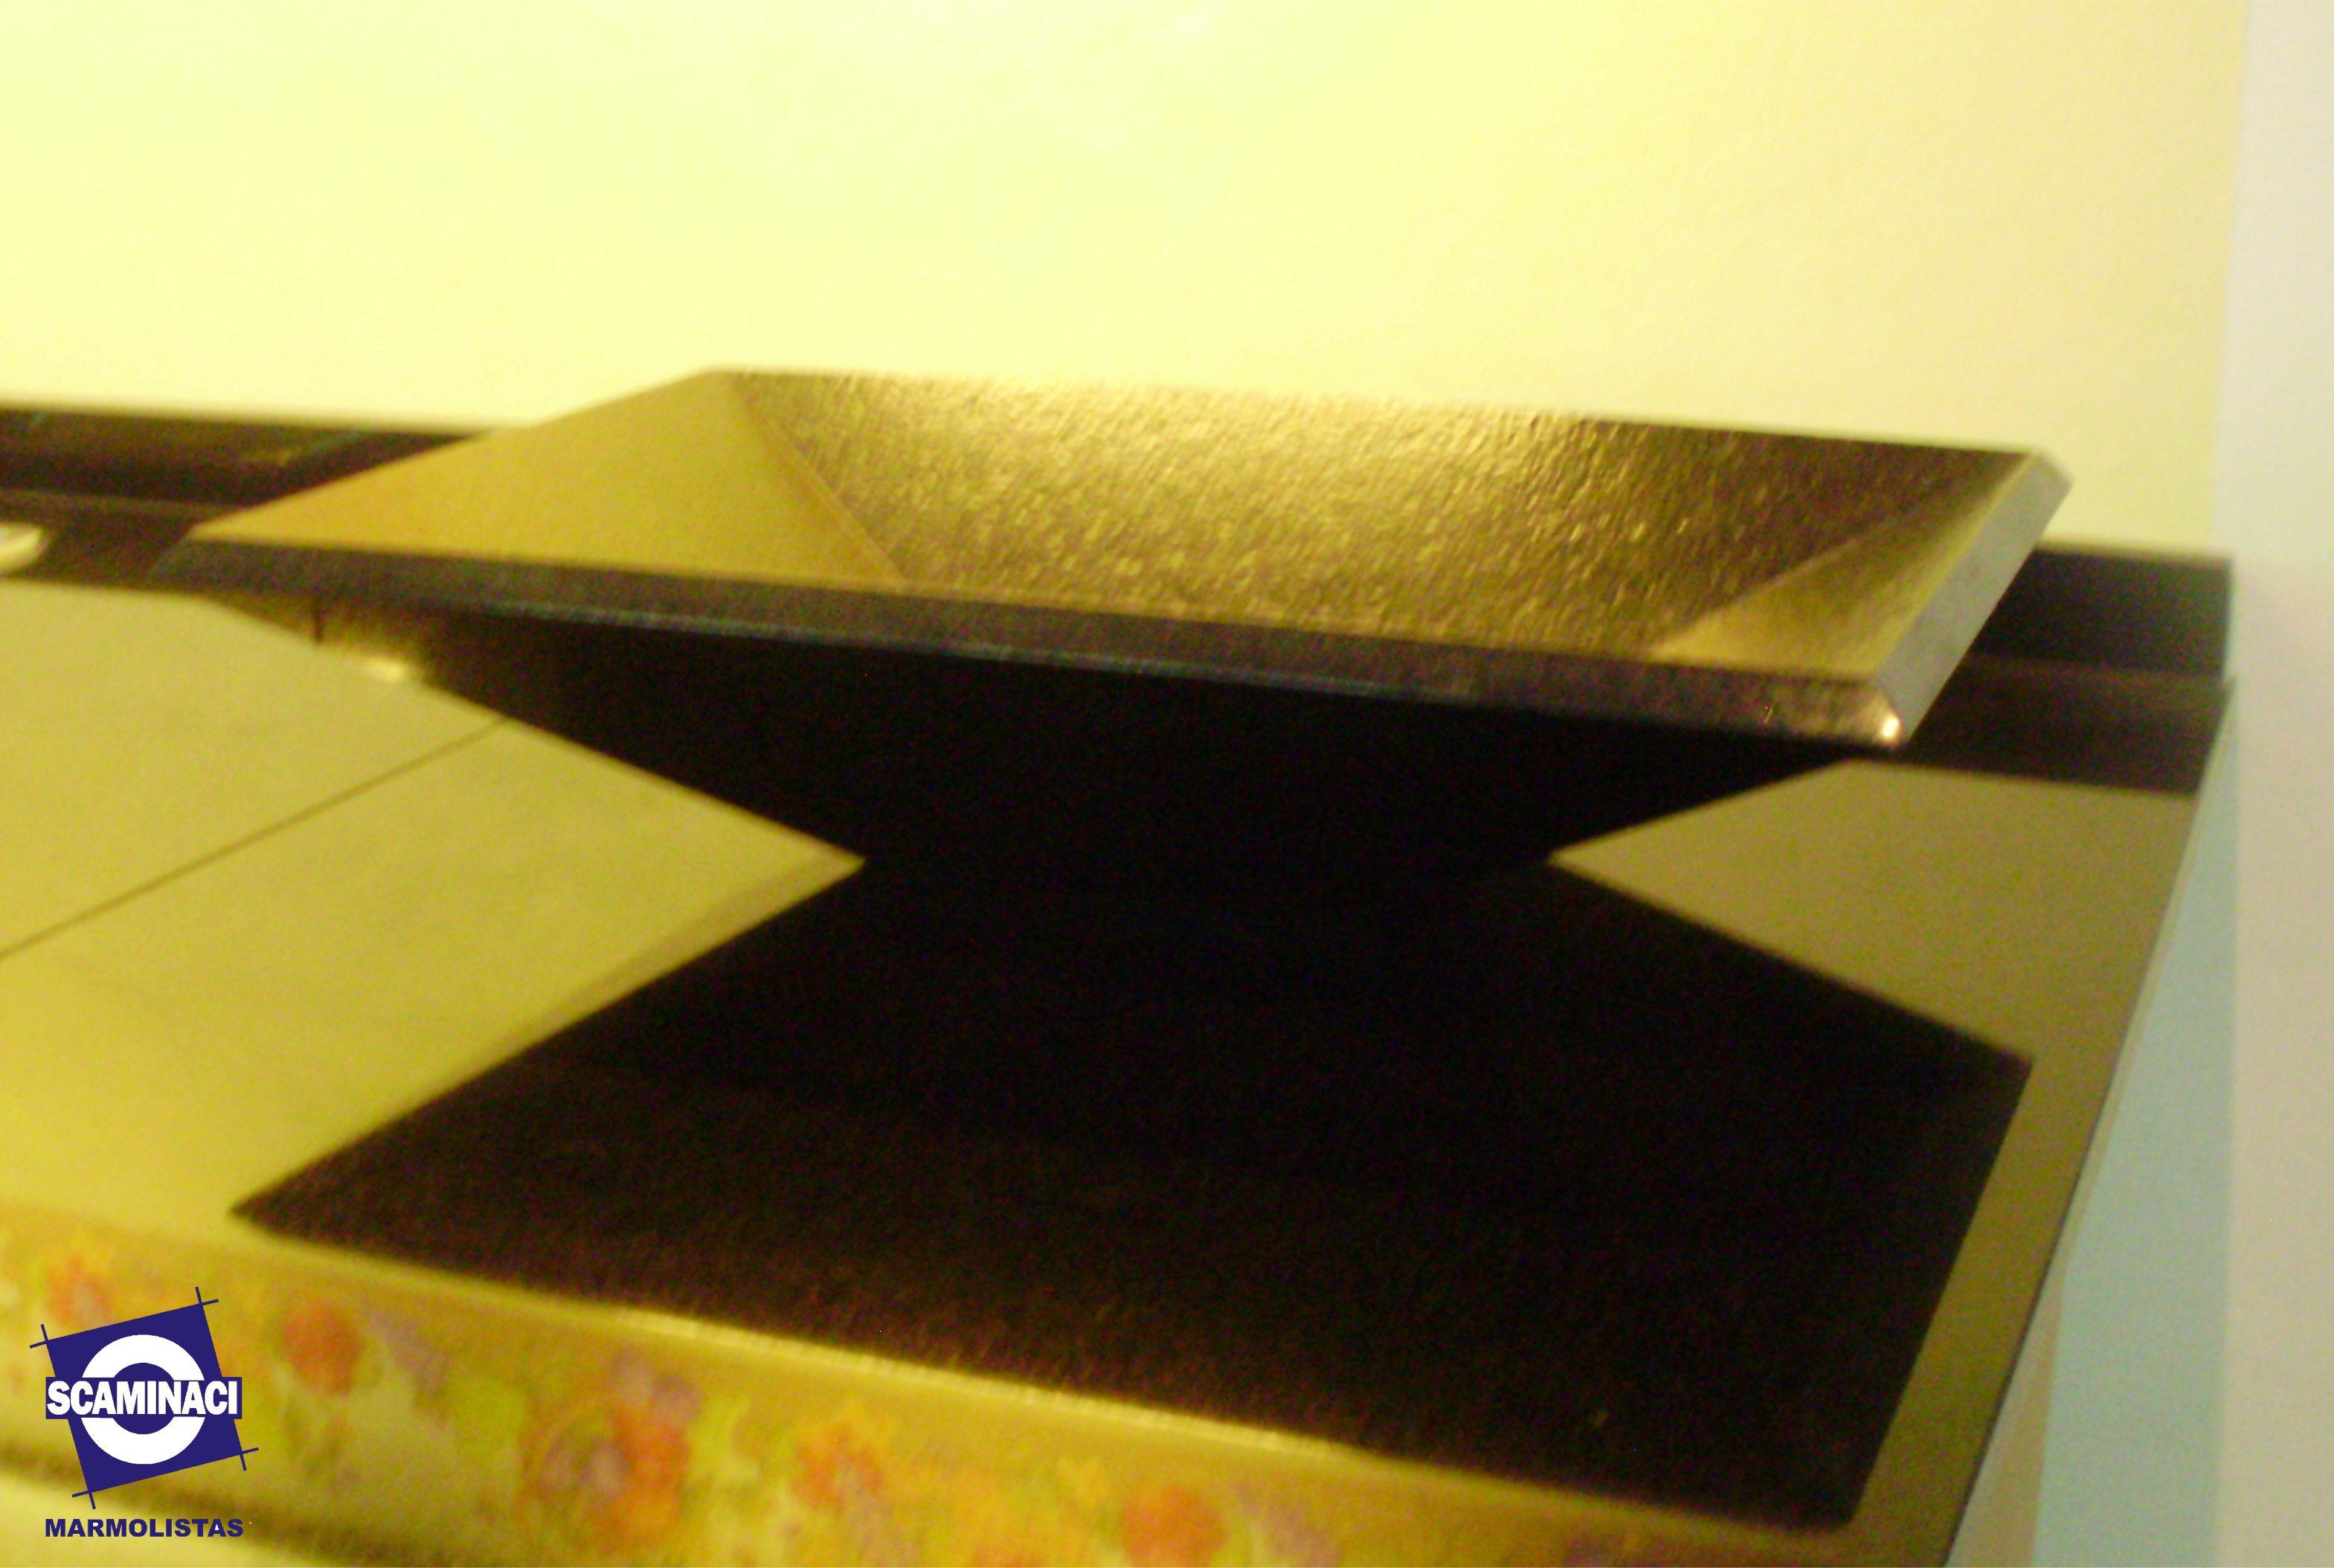 Scaminaci marmolistas blog archive bacha de granito for Granito negro brillante